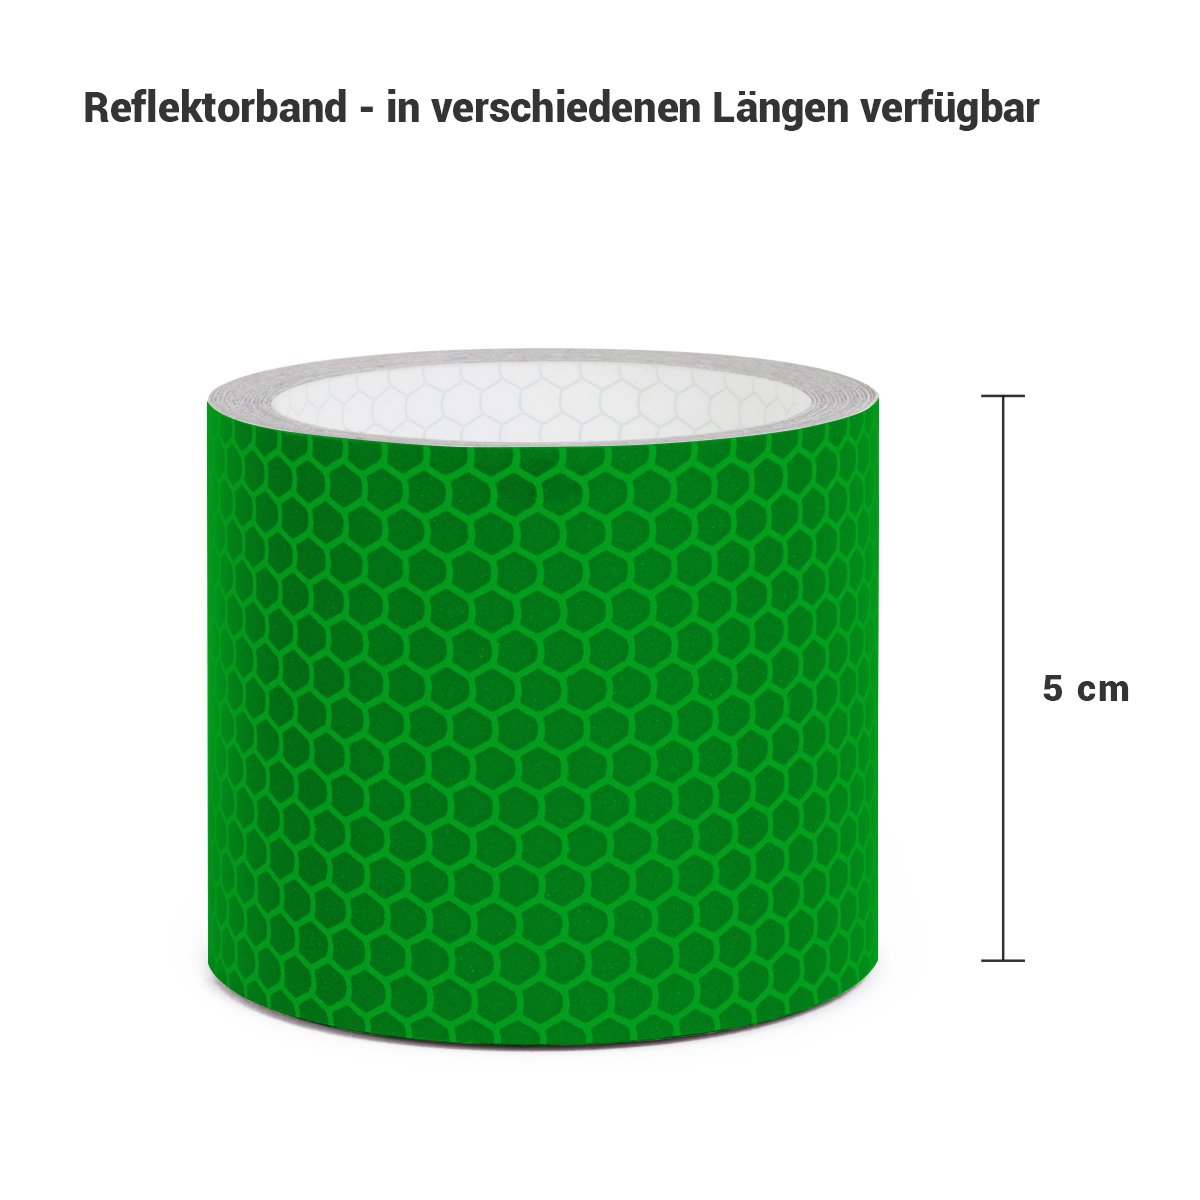 5cm breit L/änge und Farbe w/ählbar Gelb Motoking Reflektorband mit Wabenmuster f/ür mehr Schutz /& Sicherheit in der Dunkelheit 10m Meter lang